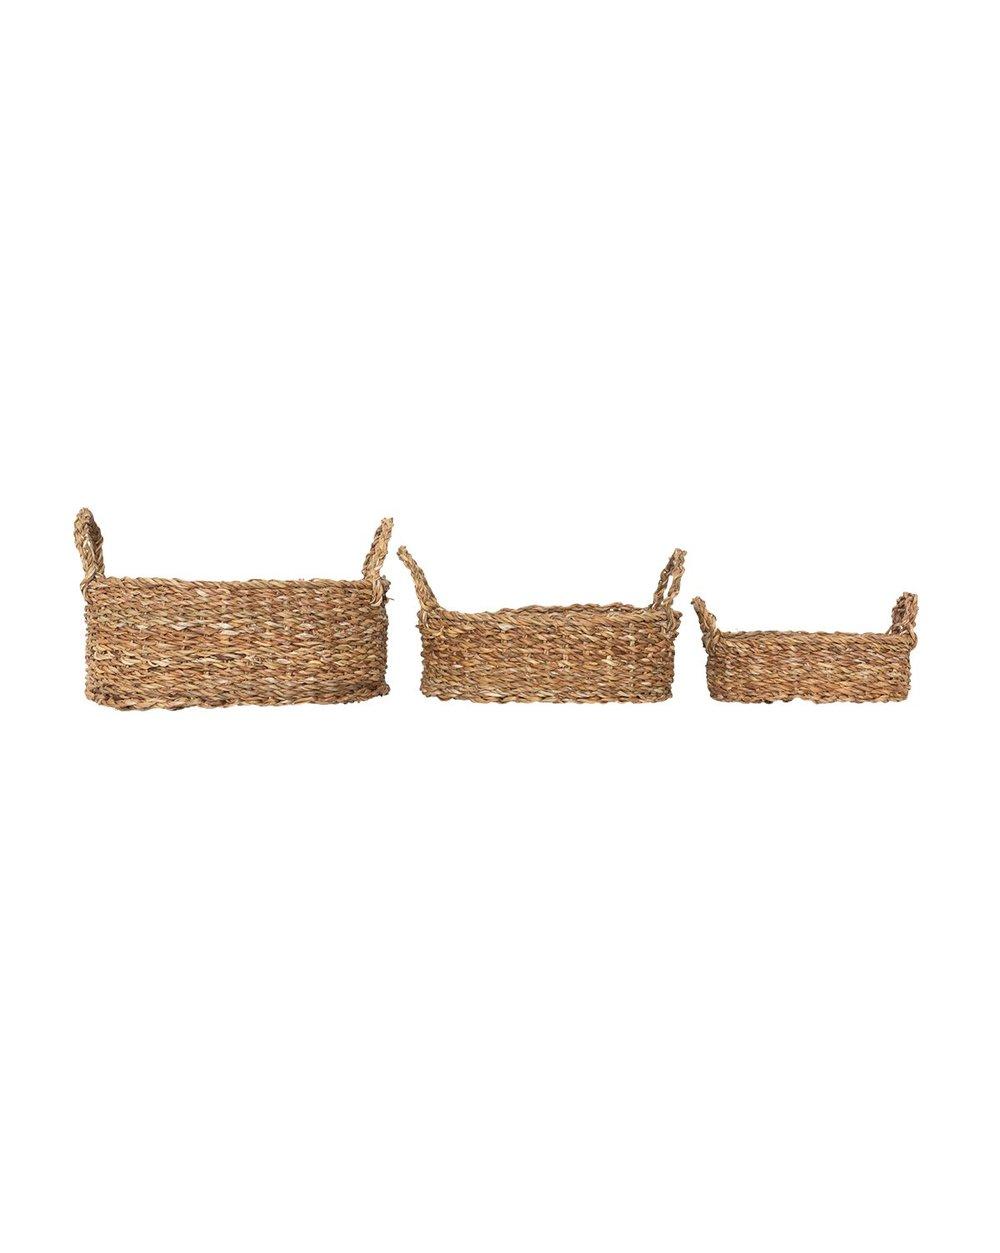 seagrass_bucket_baskets4.jpg